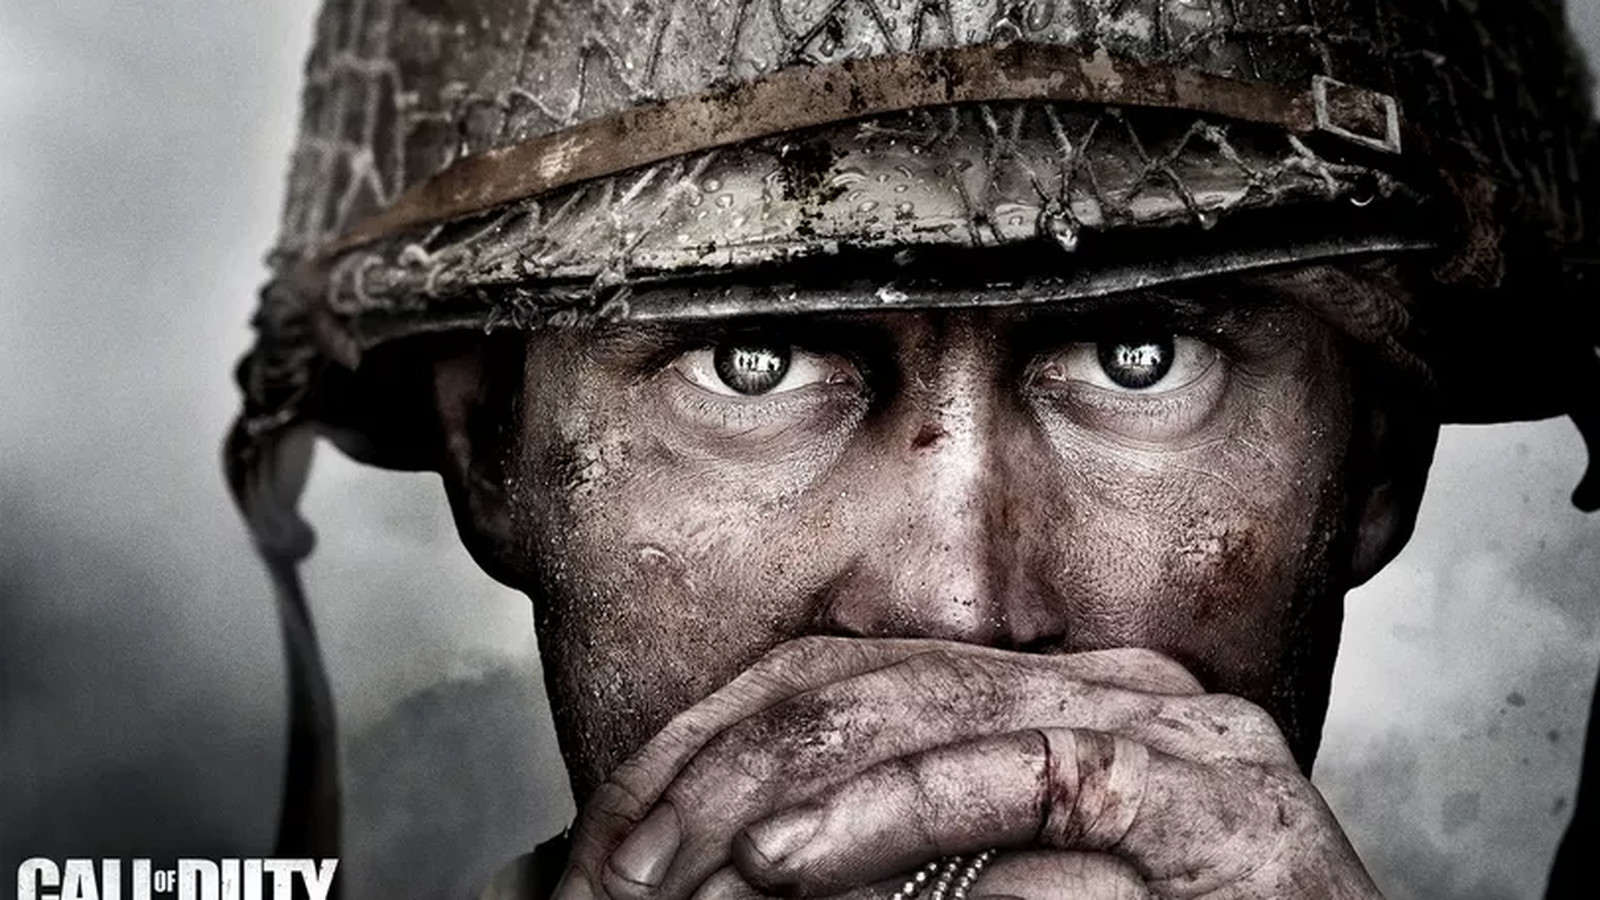 Te presentamos el primer trailer de Call of Duty: WWII